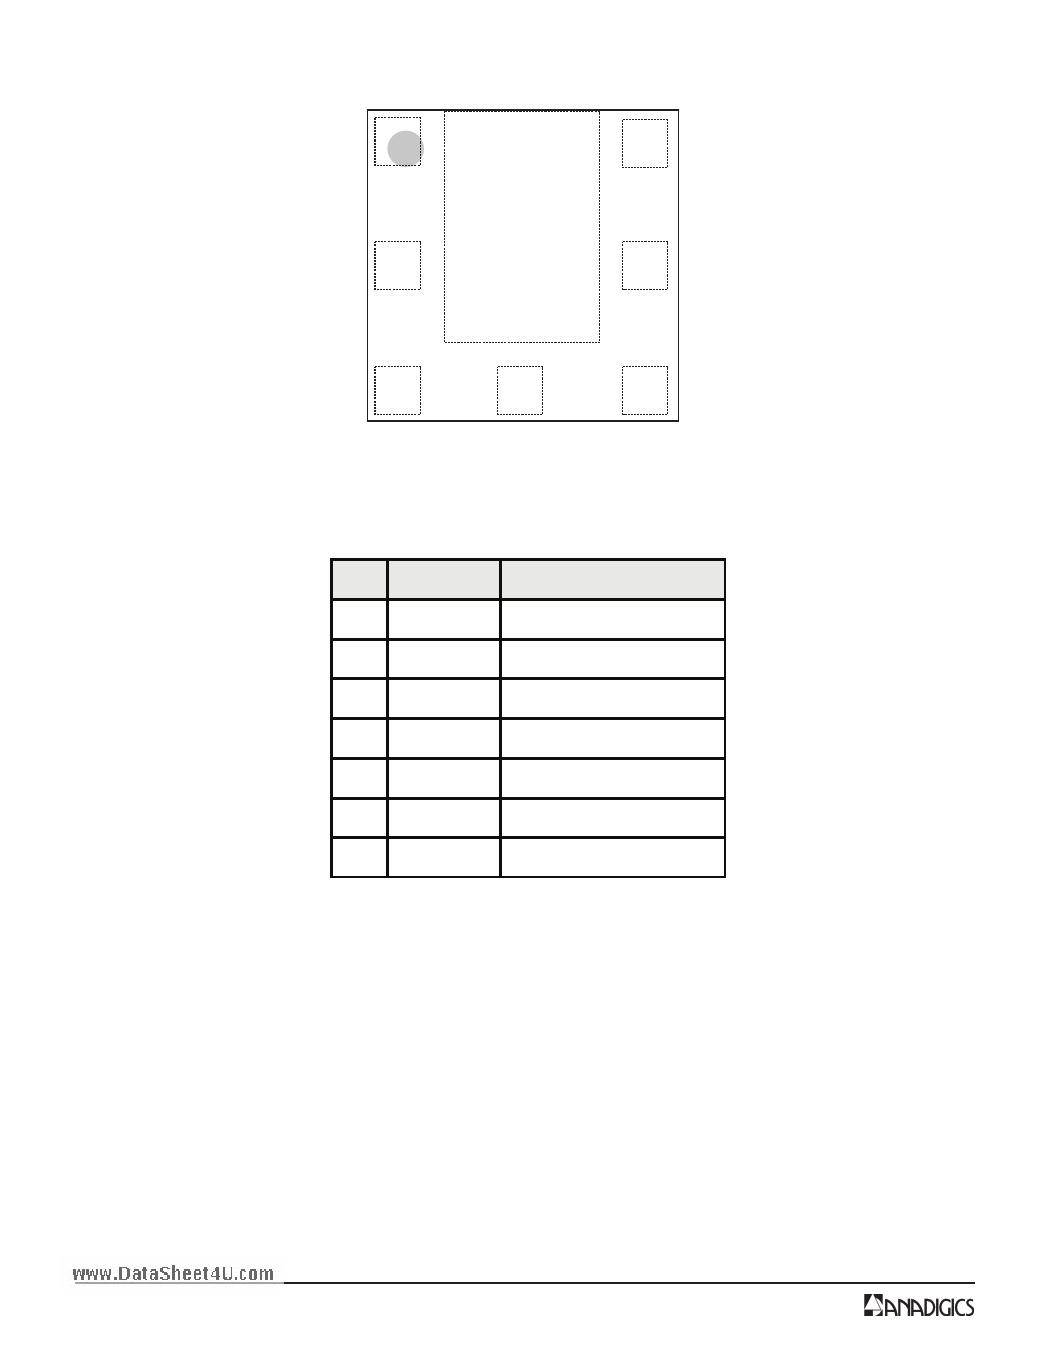 AWT6136 pdf, schematic